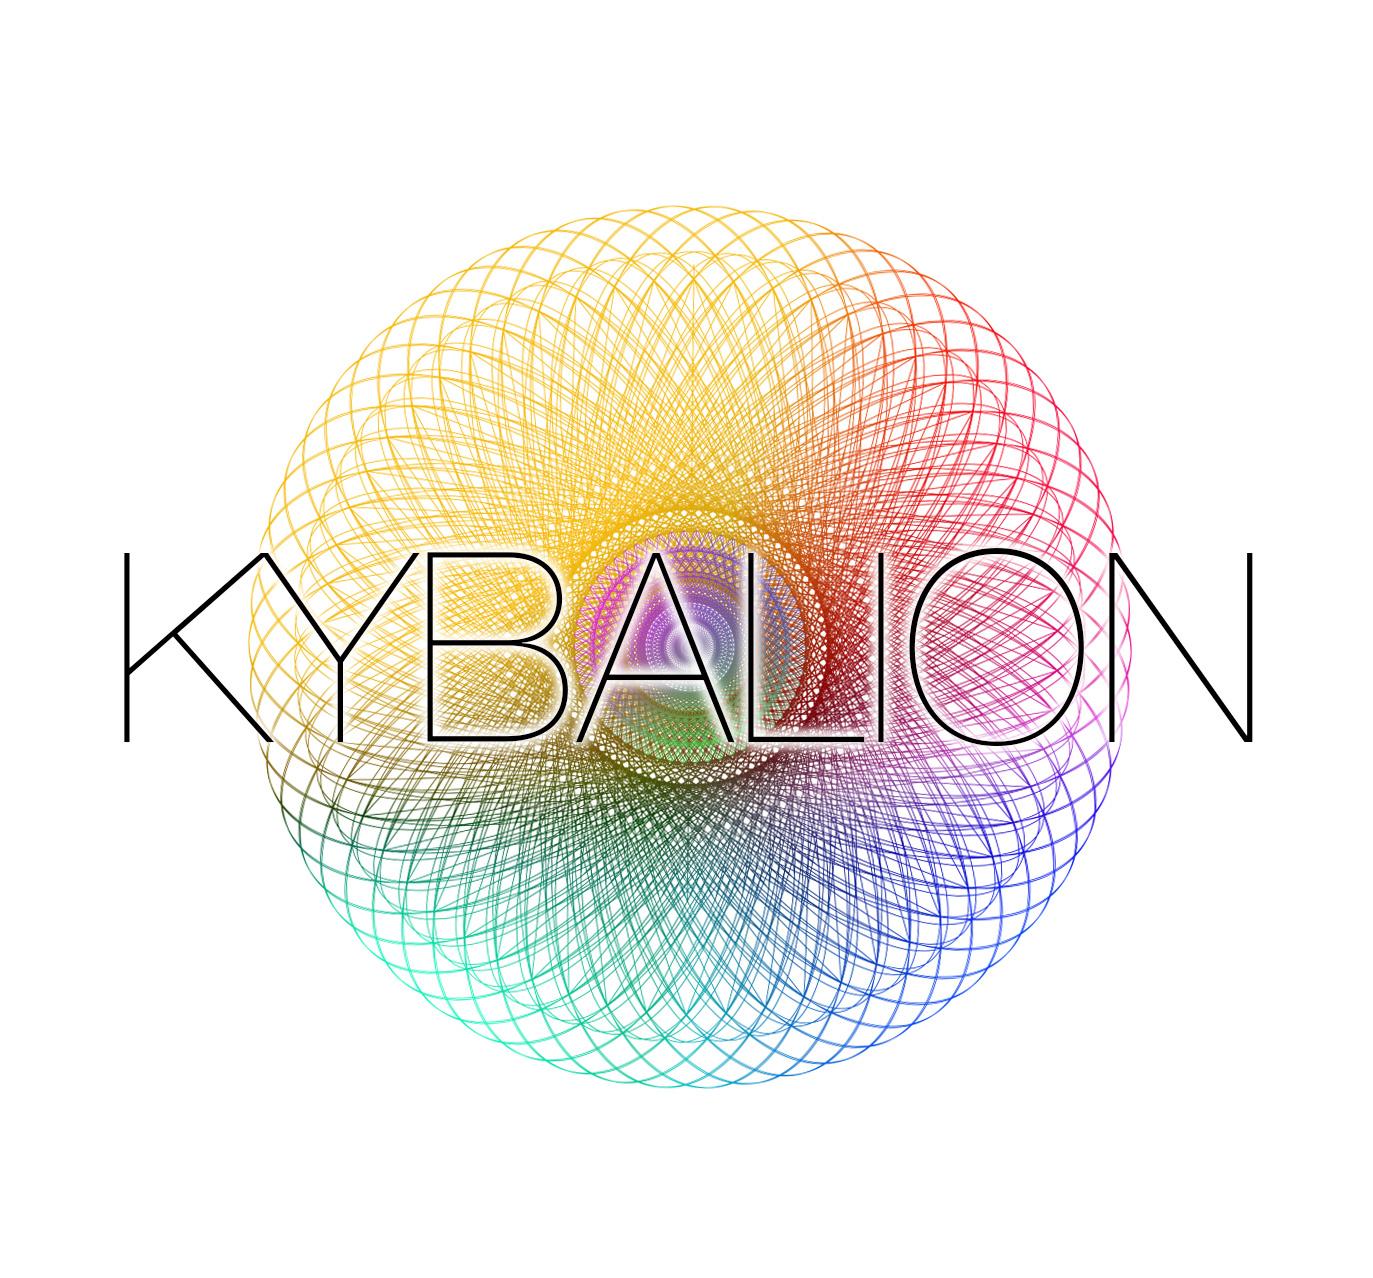 LOGO-Kybalion-color